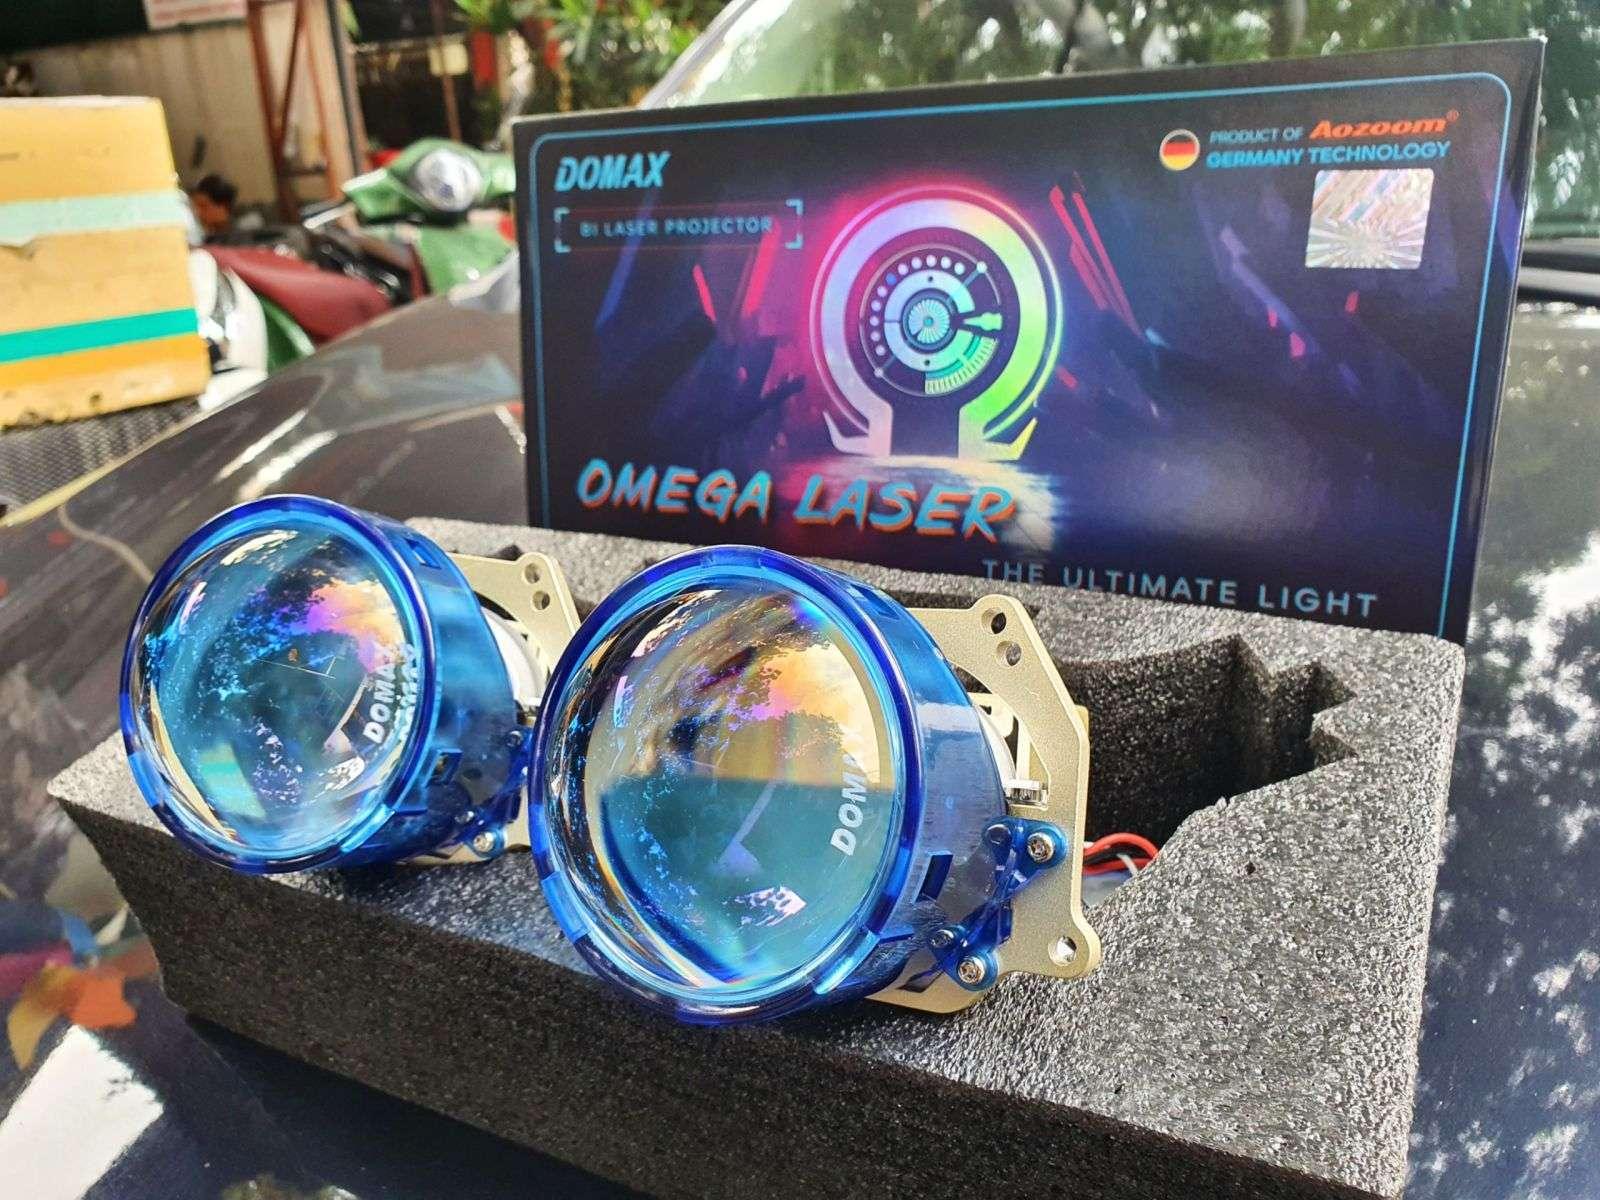 Bi Laser Omega domax